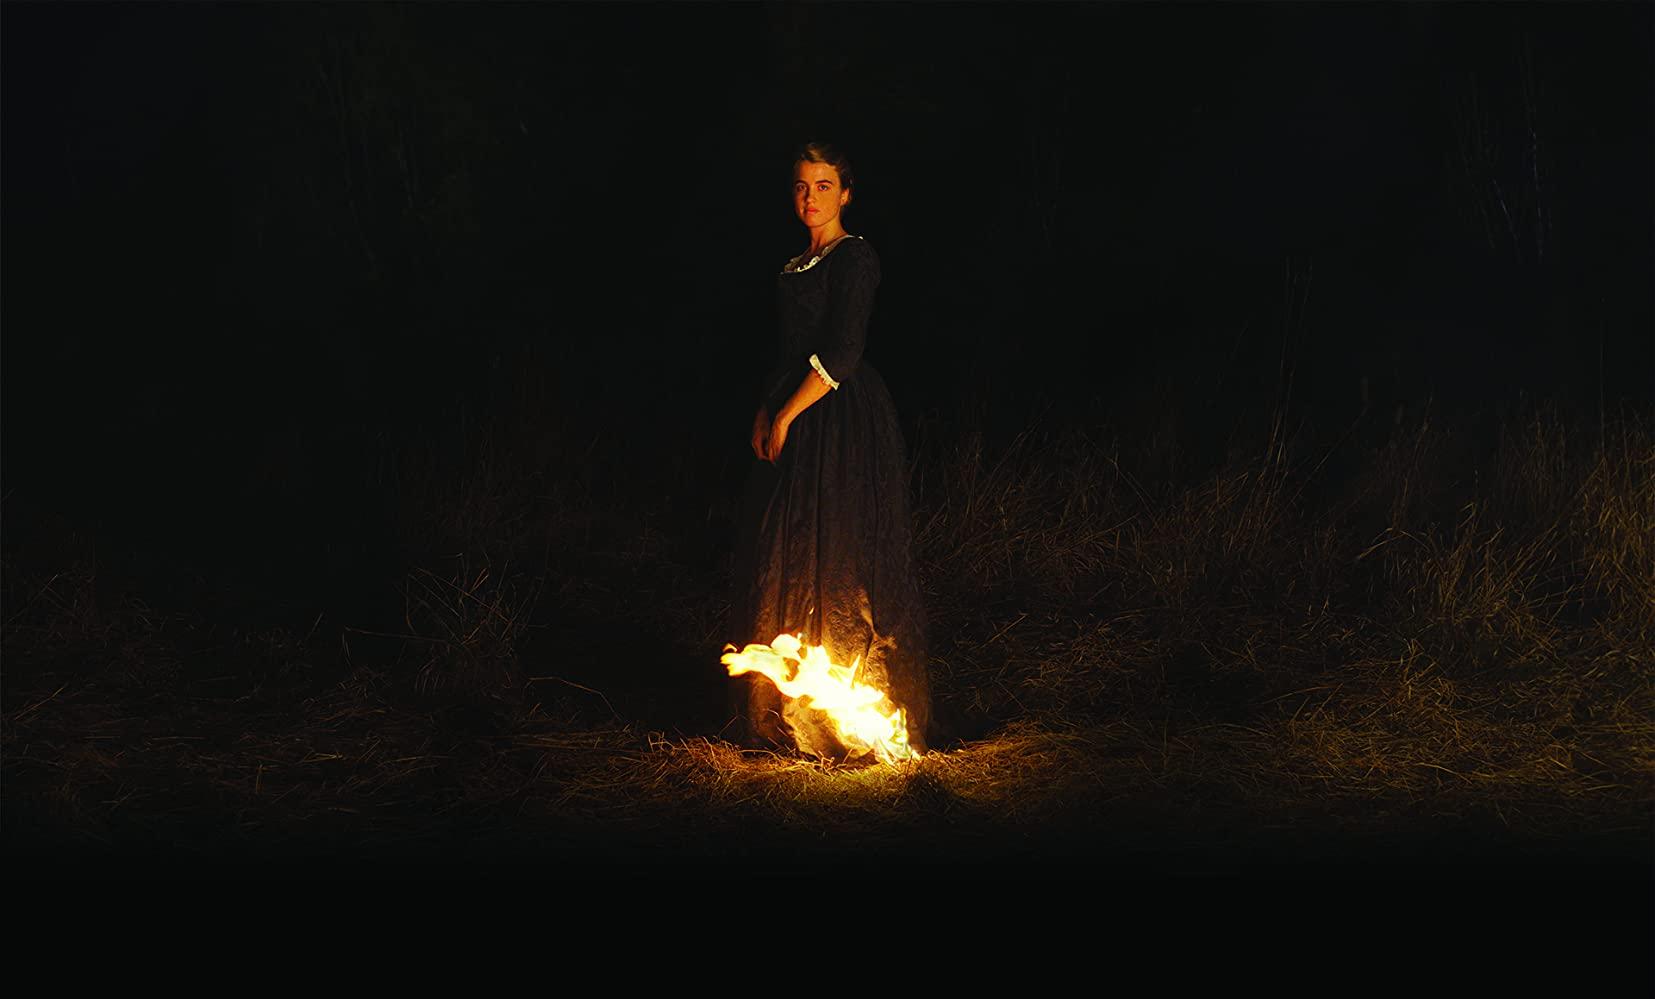 Recenzija: Portrait de la jeune fille en feu (Portret djevojke u plamenu, 2019)